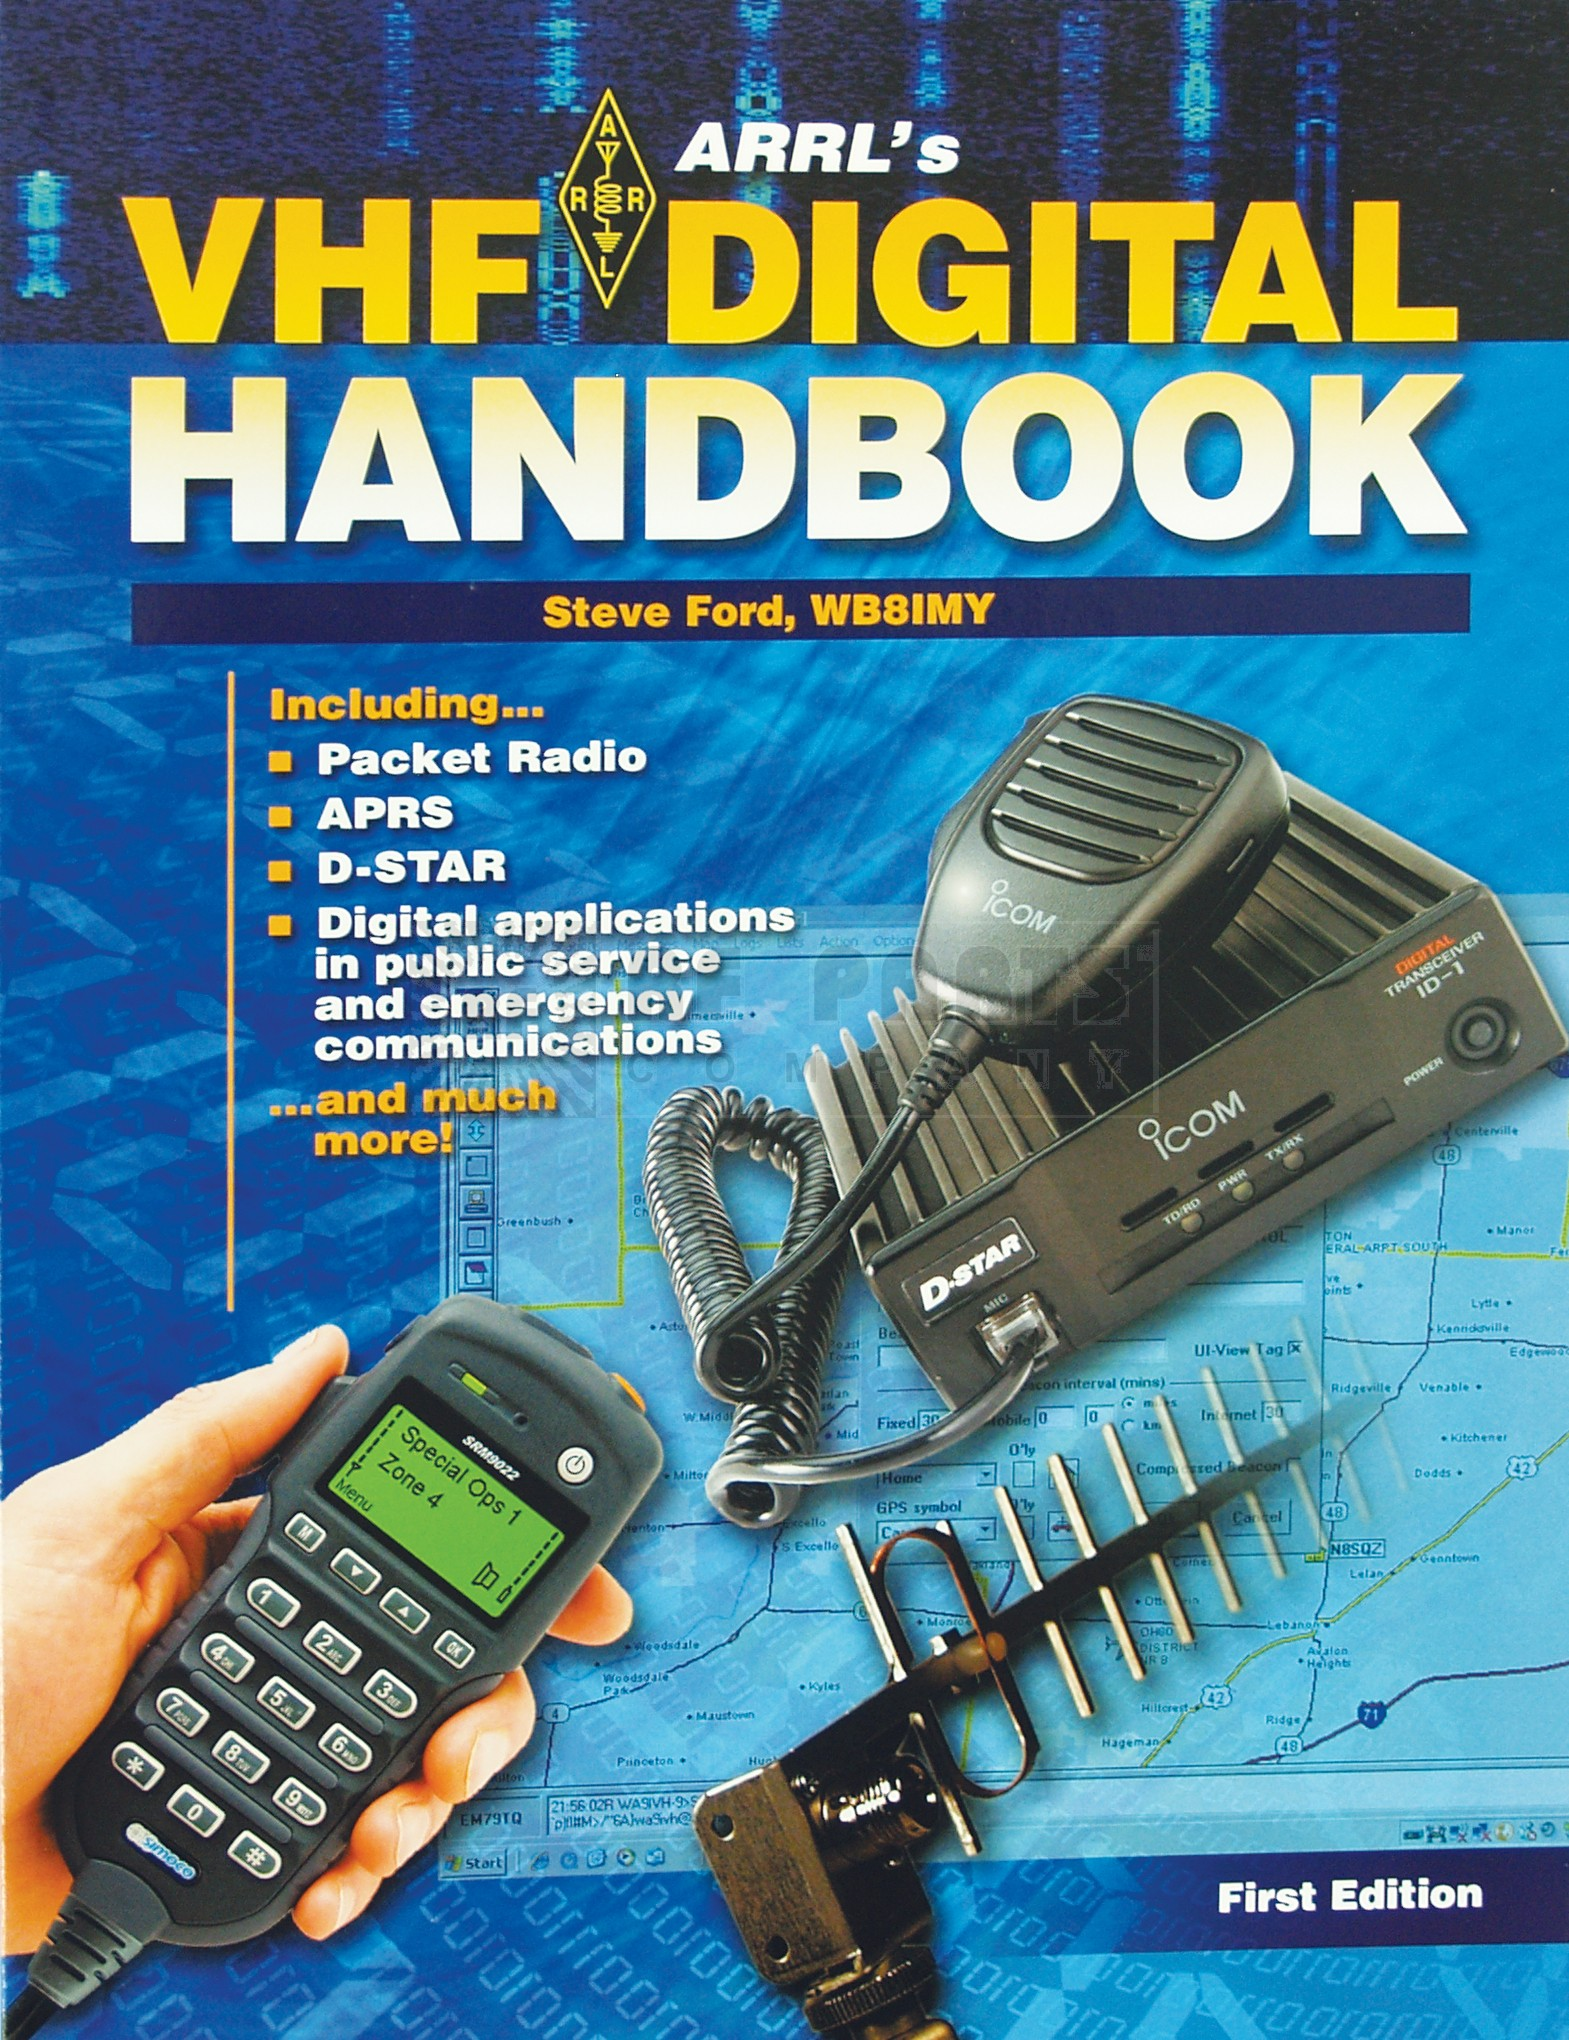 VHFDIG Book, ARRL VHF Digital Handbook